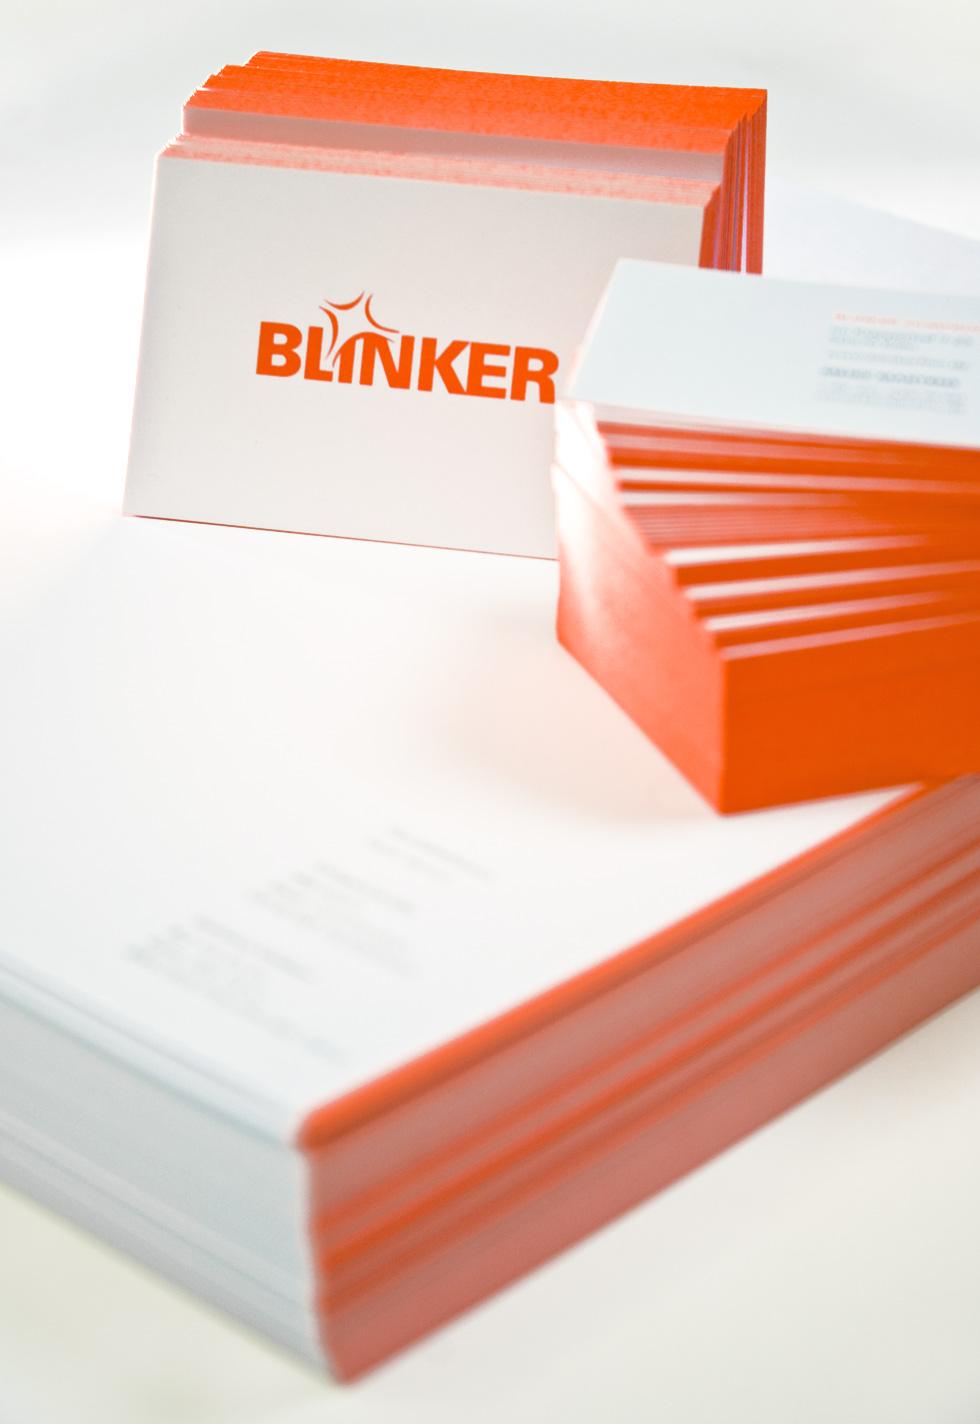 Blinker Filmproduktion